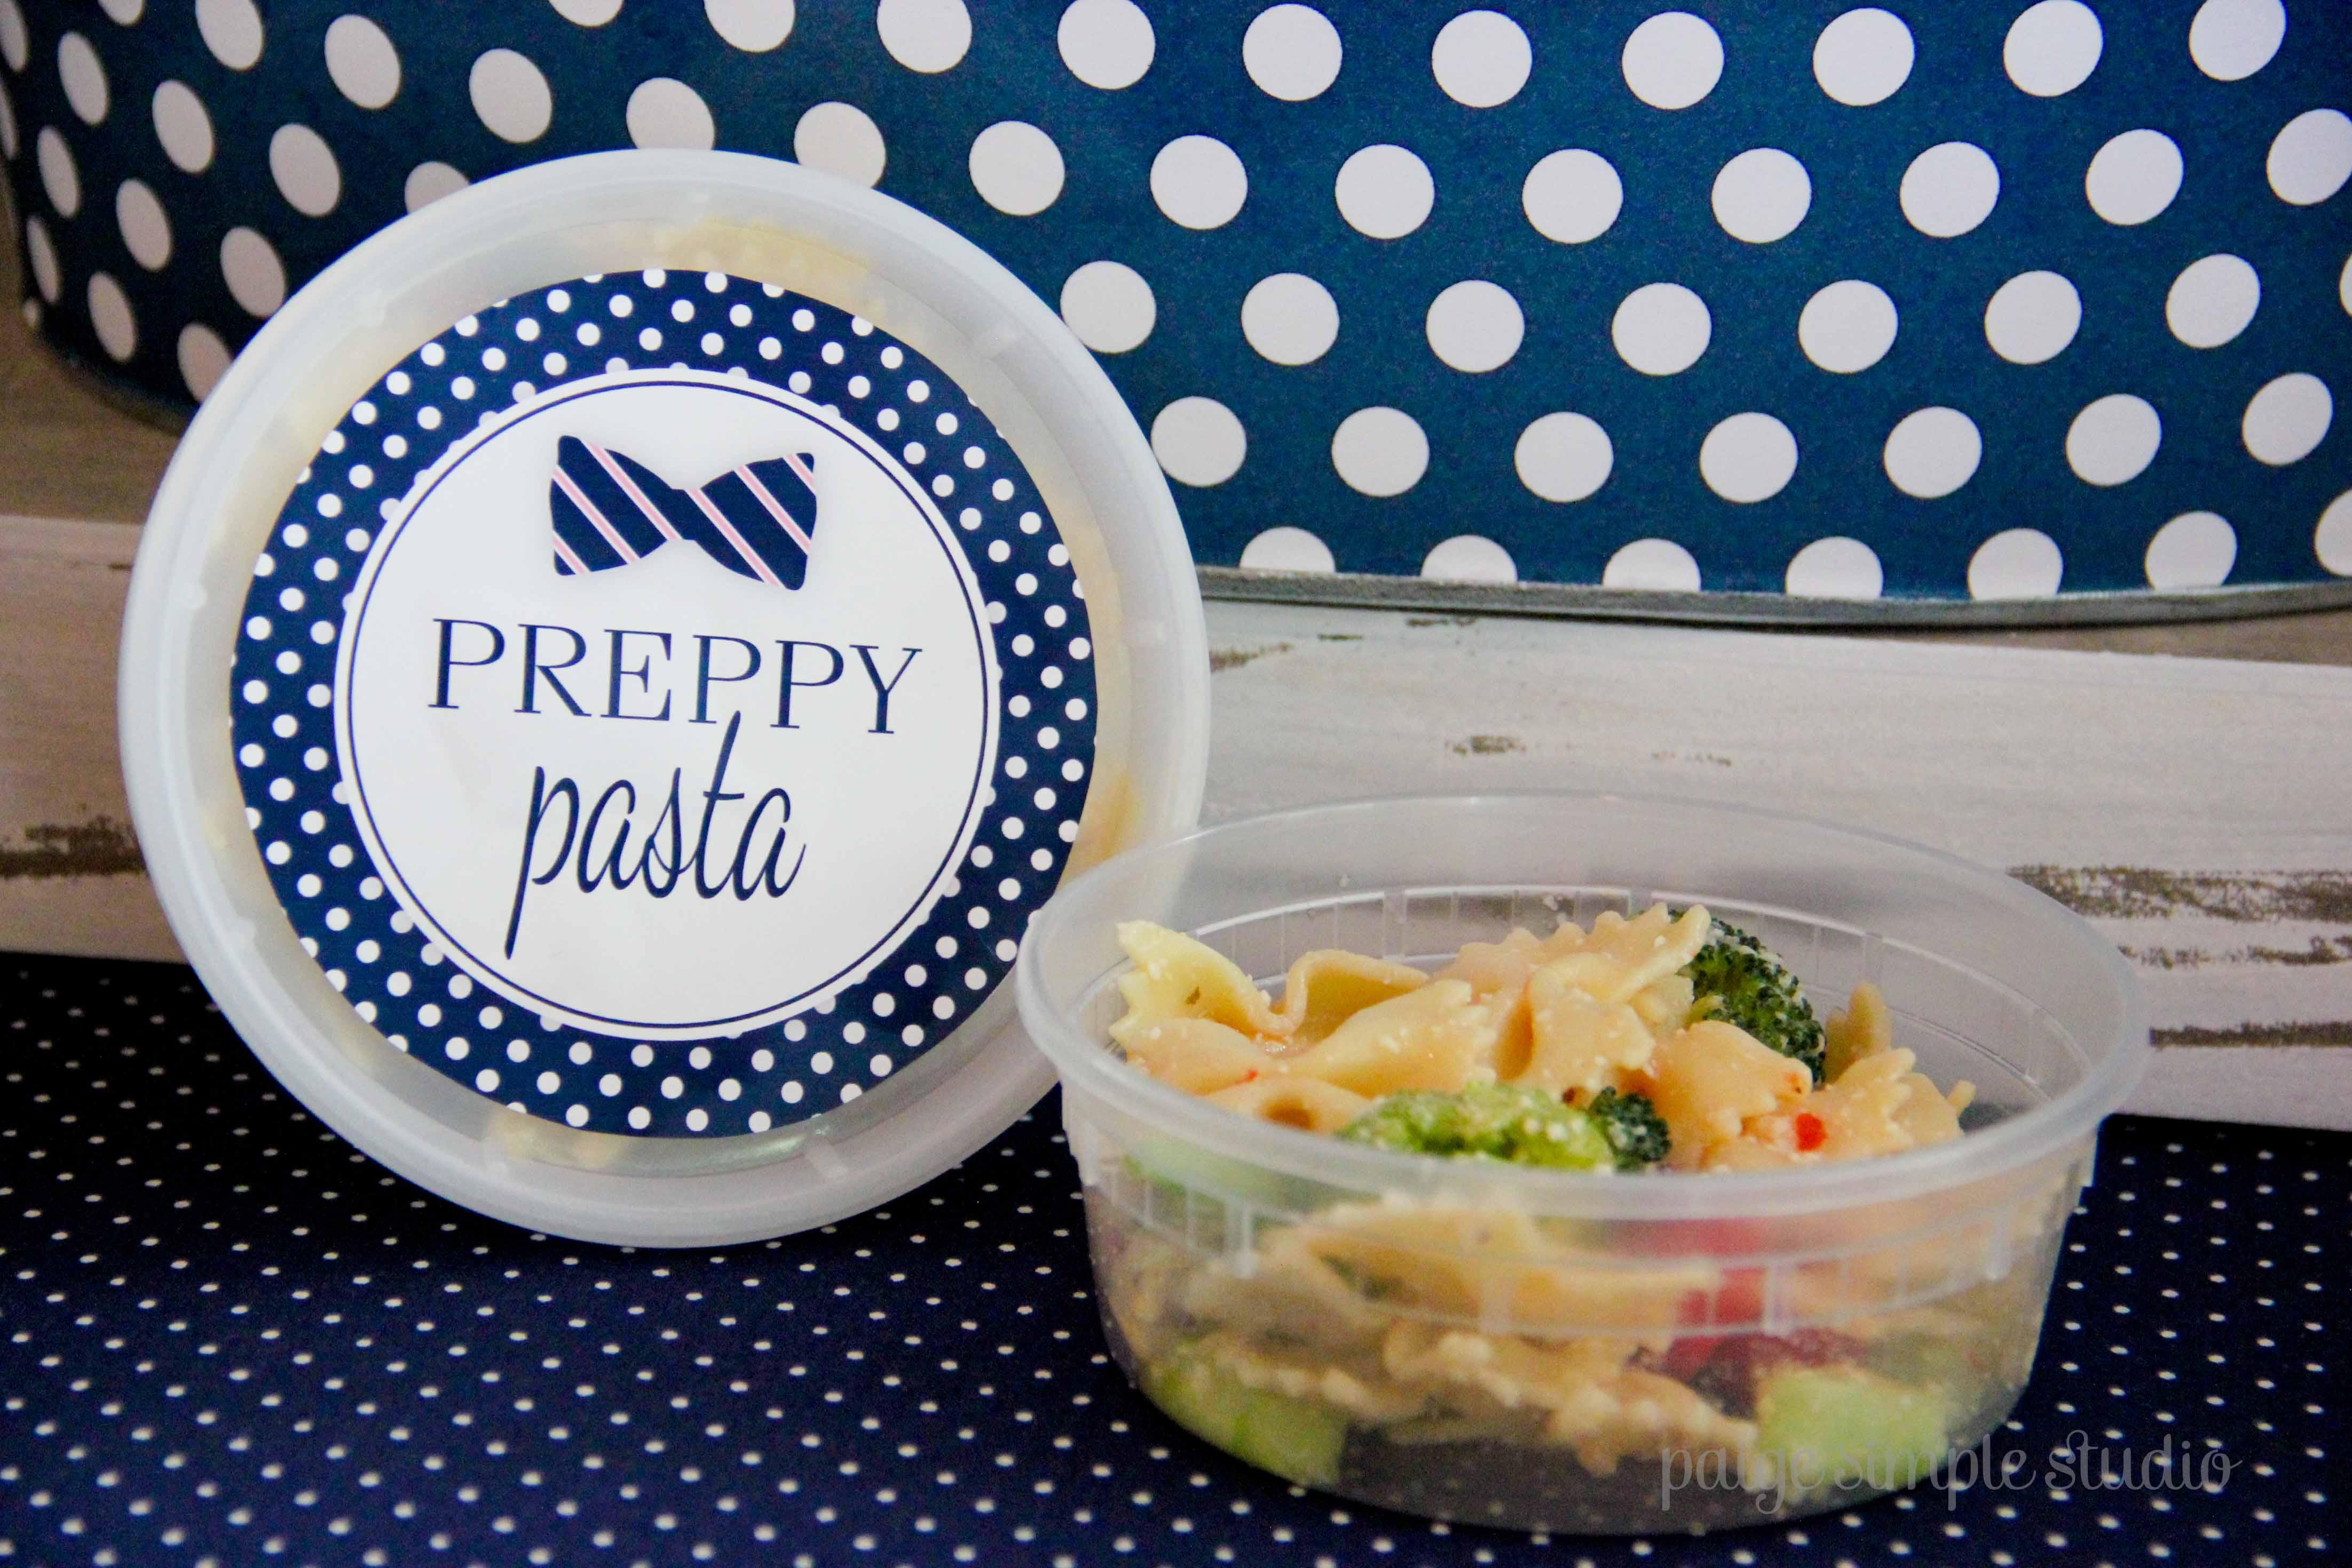 Adorable Preppy Pasta!